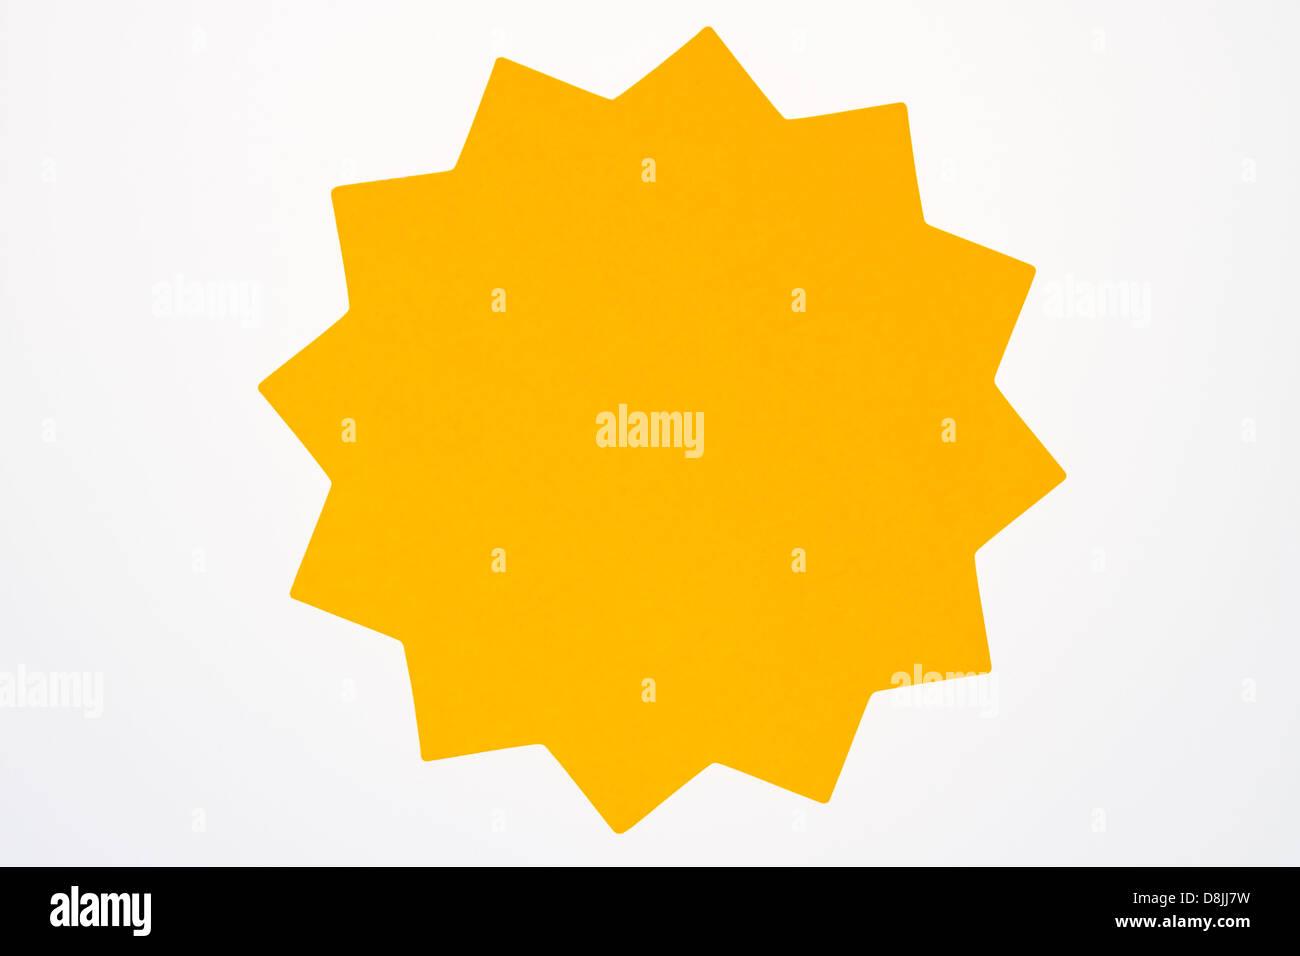 Un bianco di colore arancione a forma di stella segno usualmente utilizzati per pubblicizzare le vendite e specials Immagini Stock